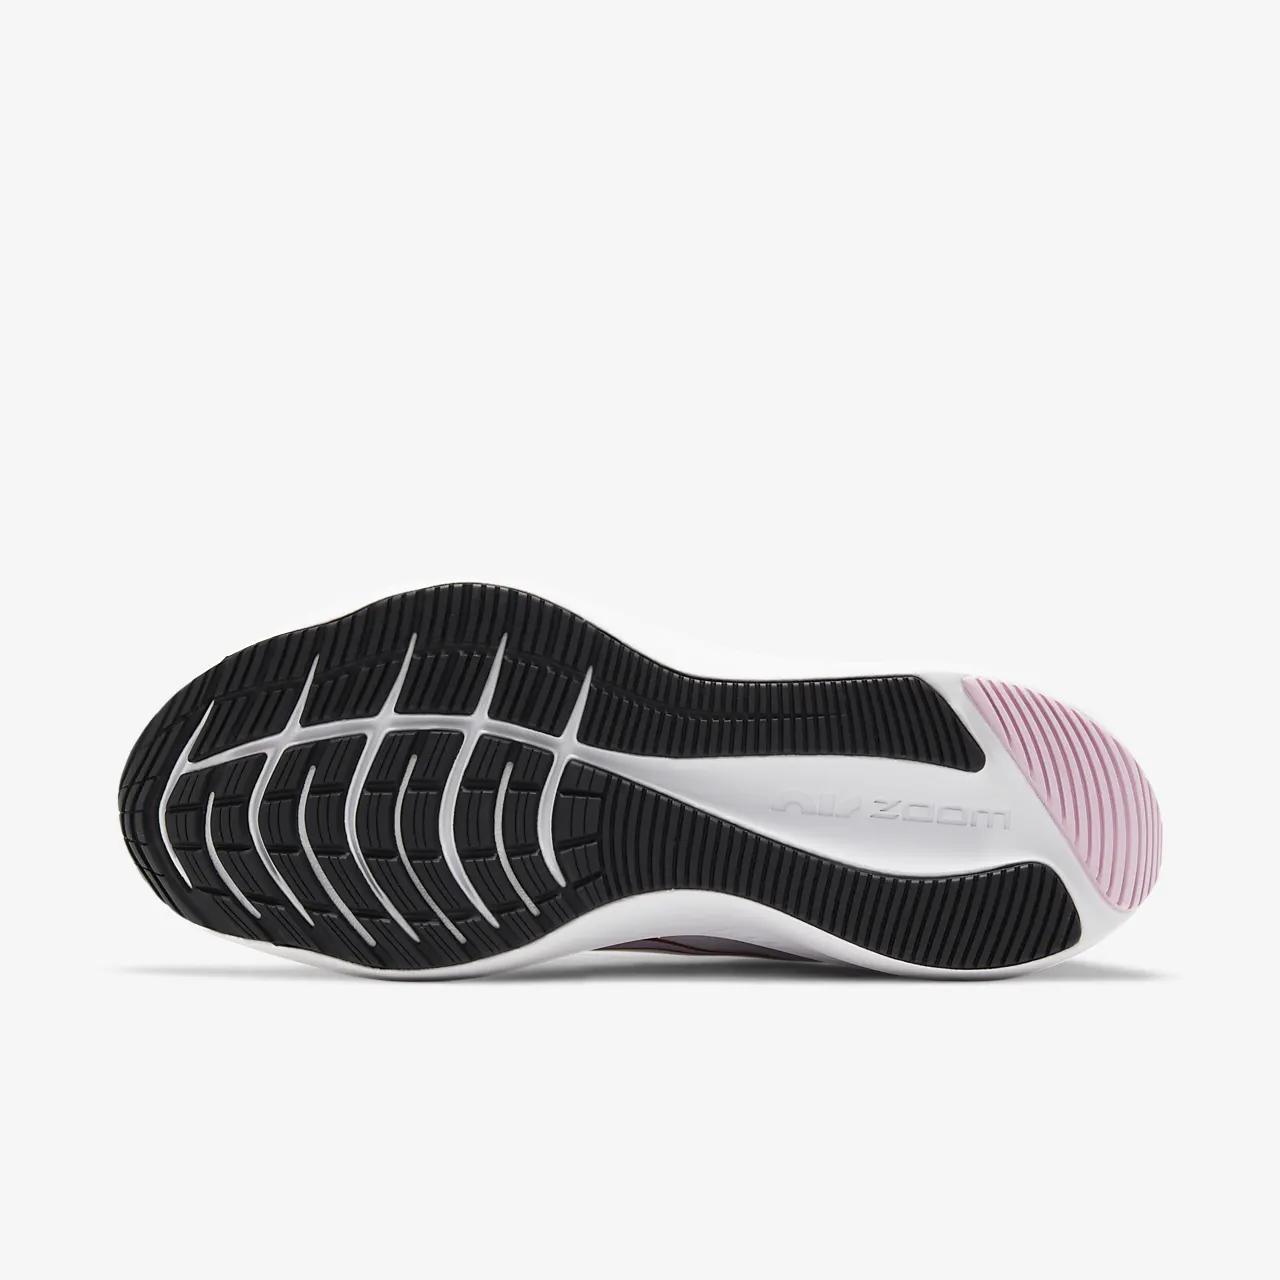 유럽직배송 나이키 NIKE Nike Air Zoom Winflo 7 Women's Running Shoe CJ0302-501